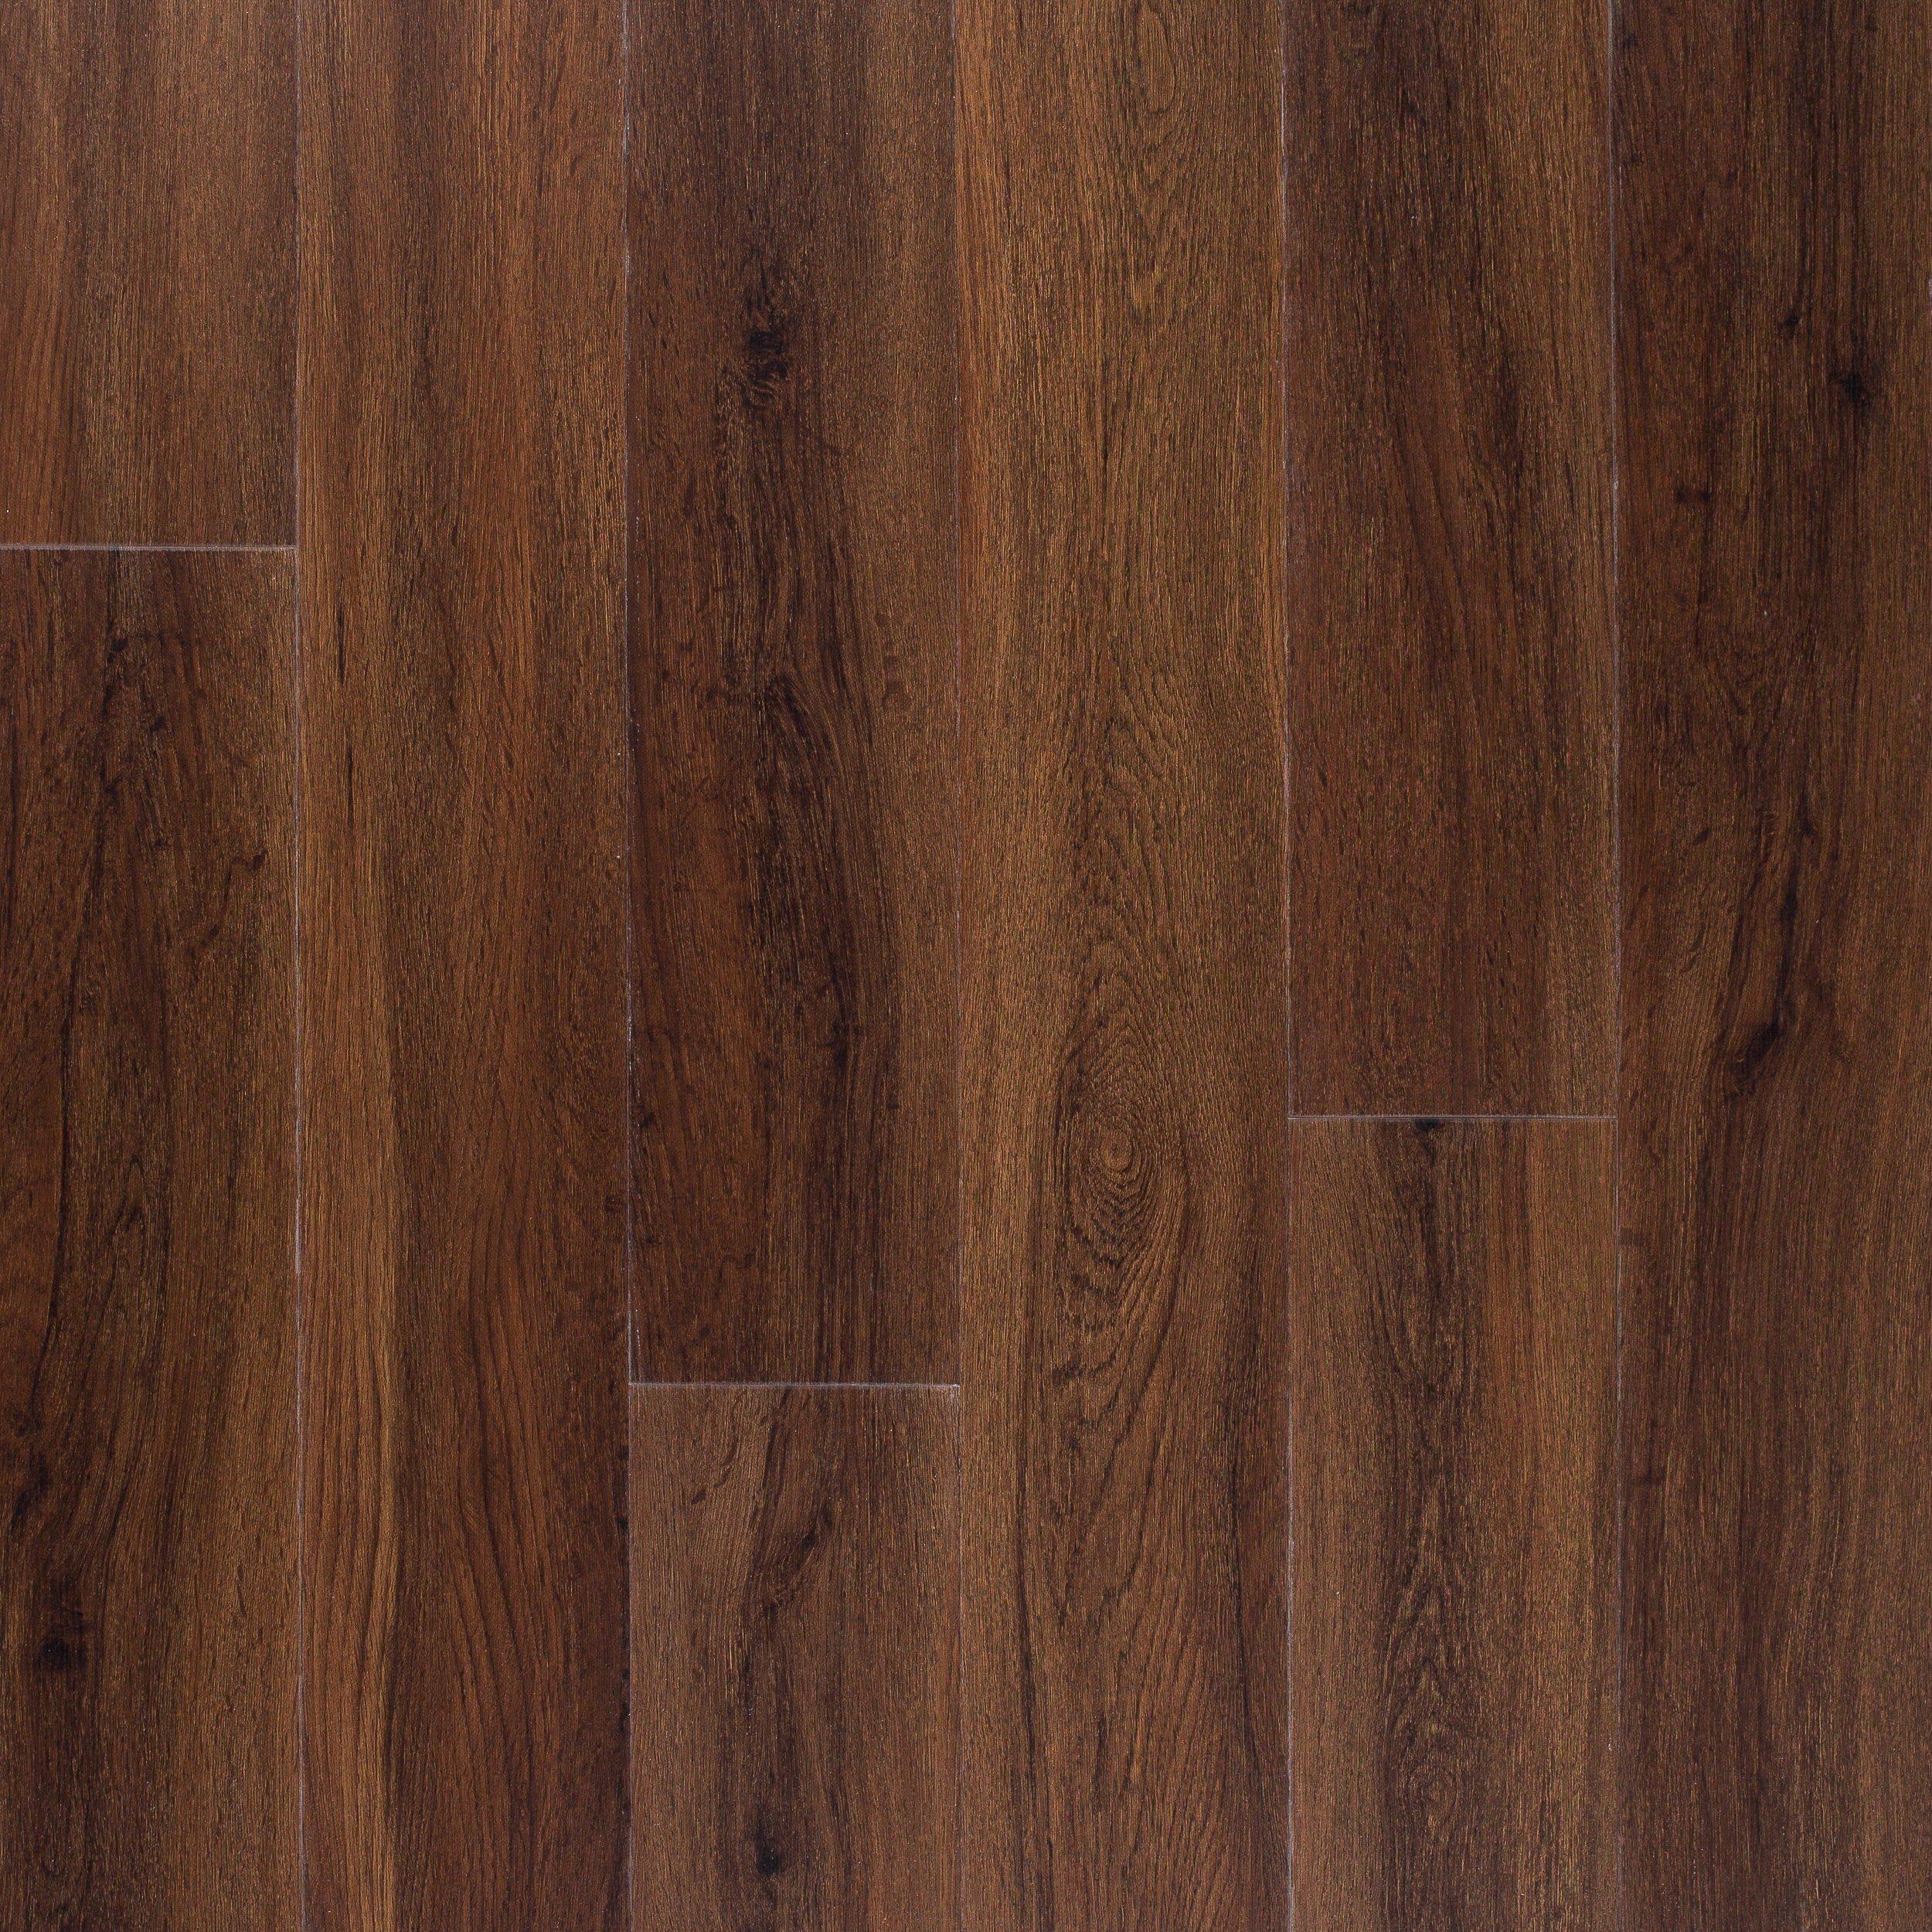 Tribeca Oak Rigid Core Luxury Vinyl Plank Foam Back In